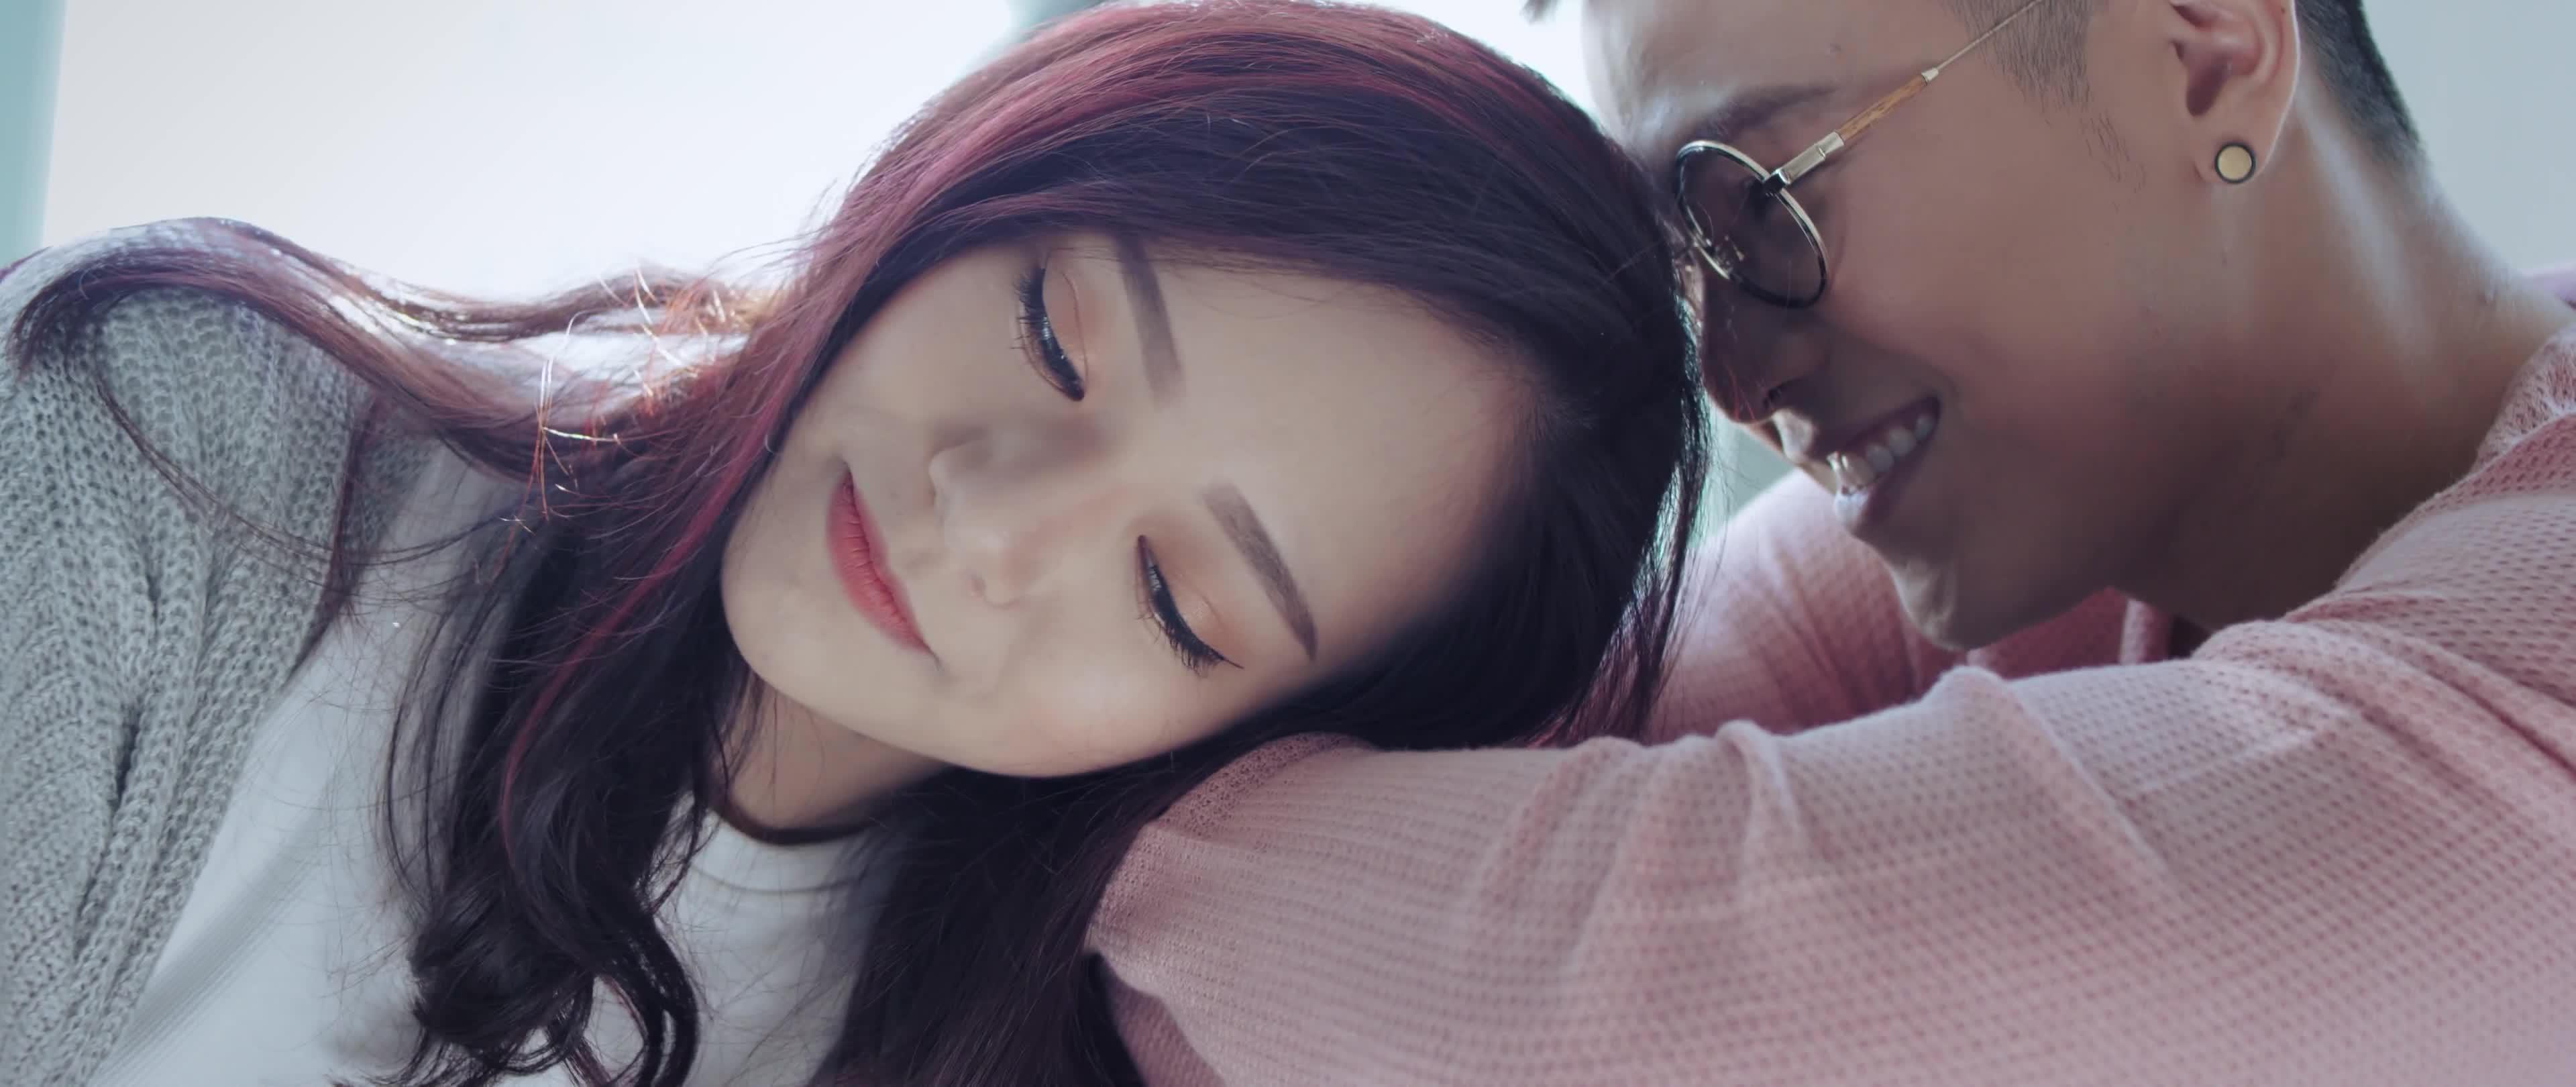 Người yêu lý tưởng là Tóc Tiên, Mai Tiến Dũng lại phải lòng cô nàng khác trong MV mới